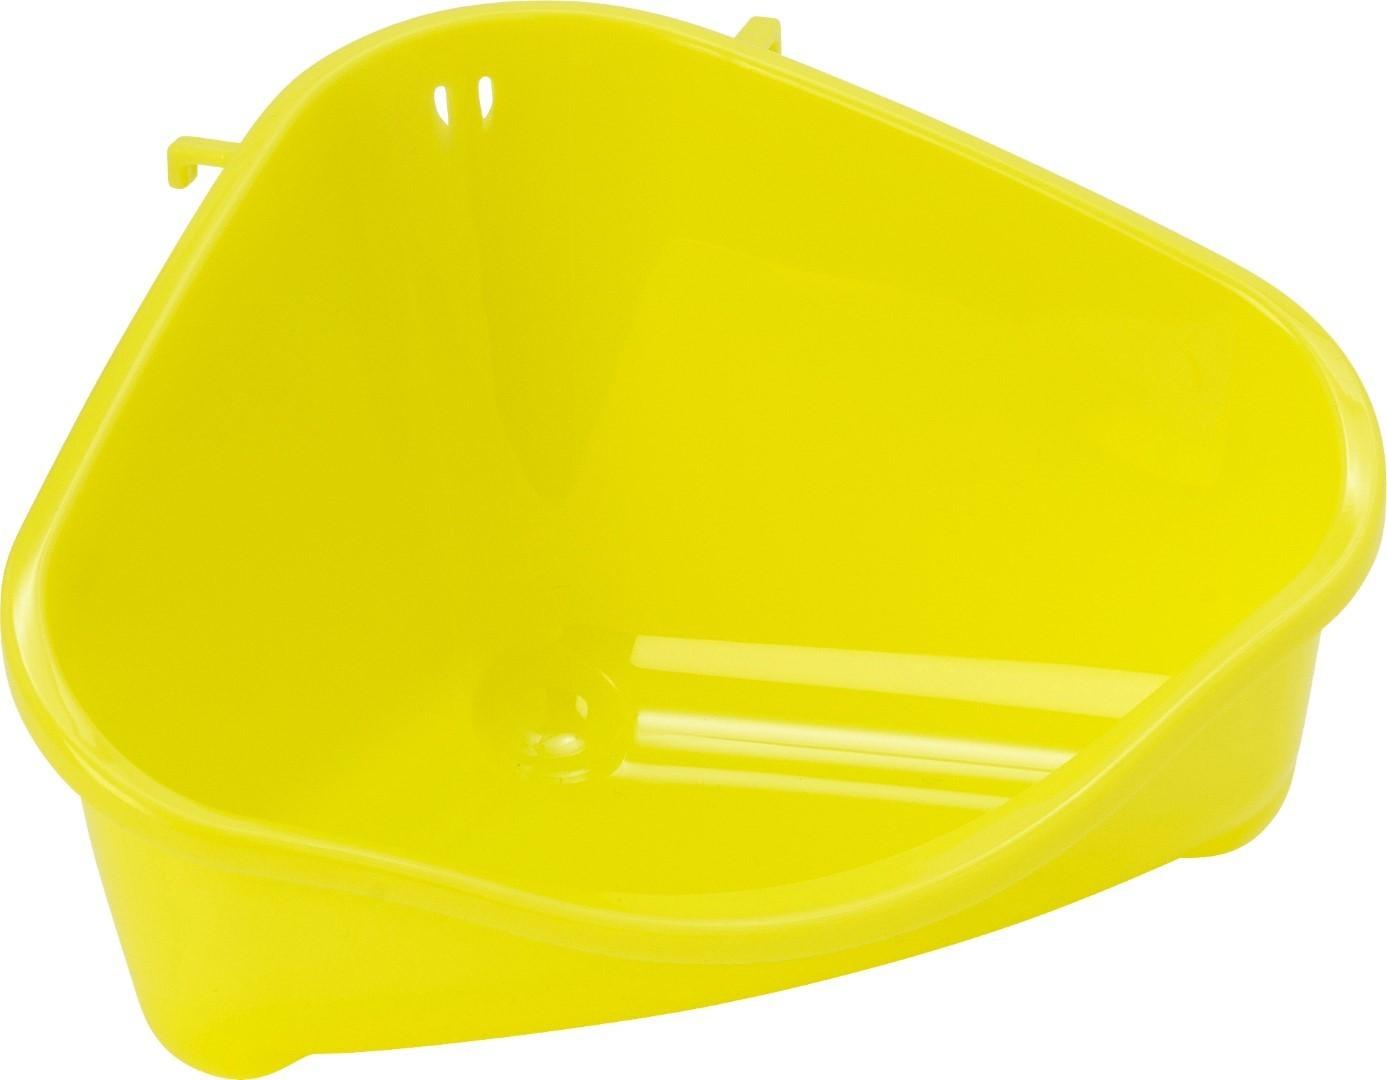 Moderna plastic klein knaagdiertoilet met haak yellow